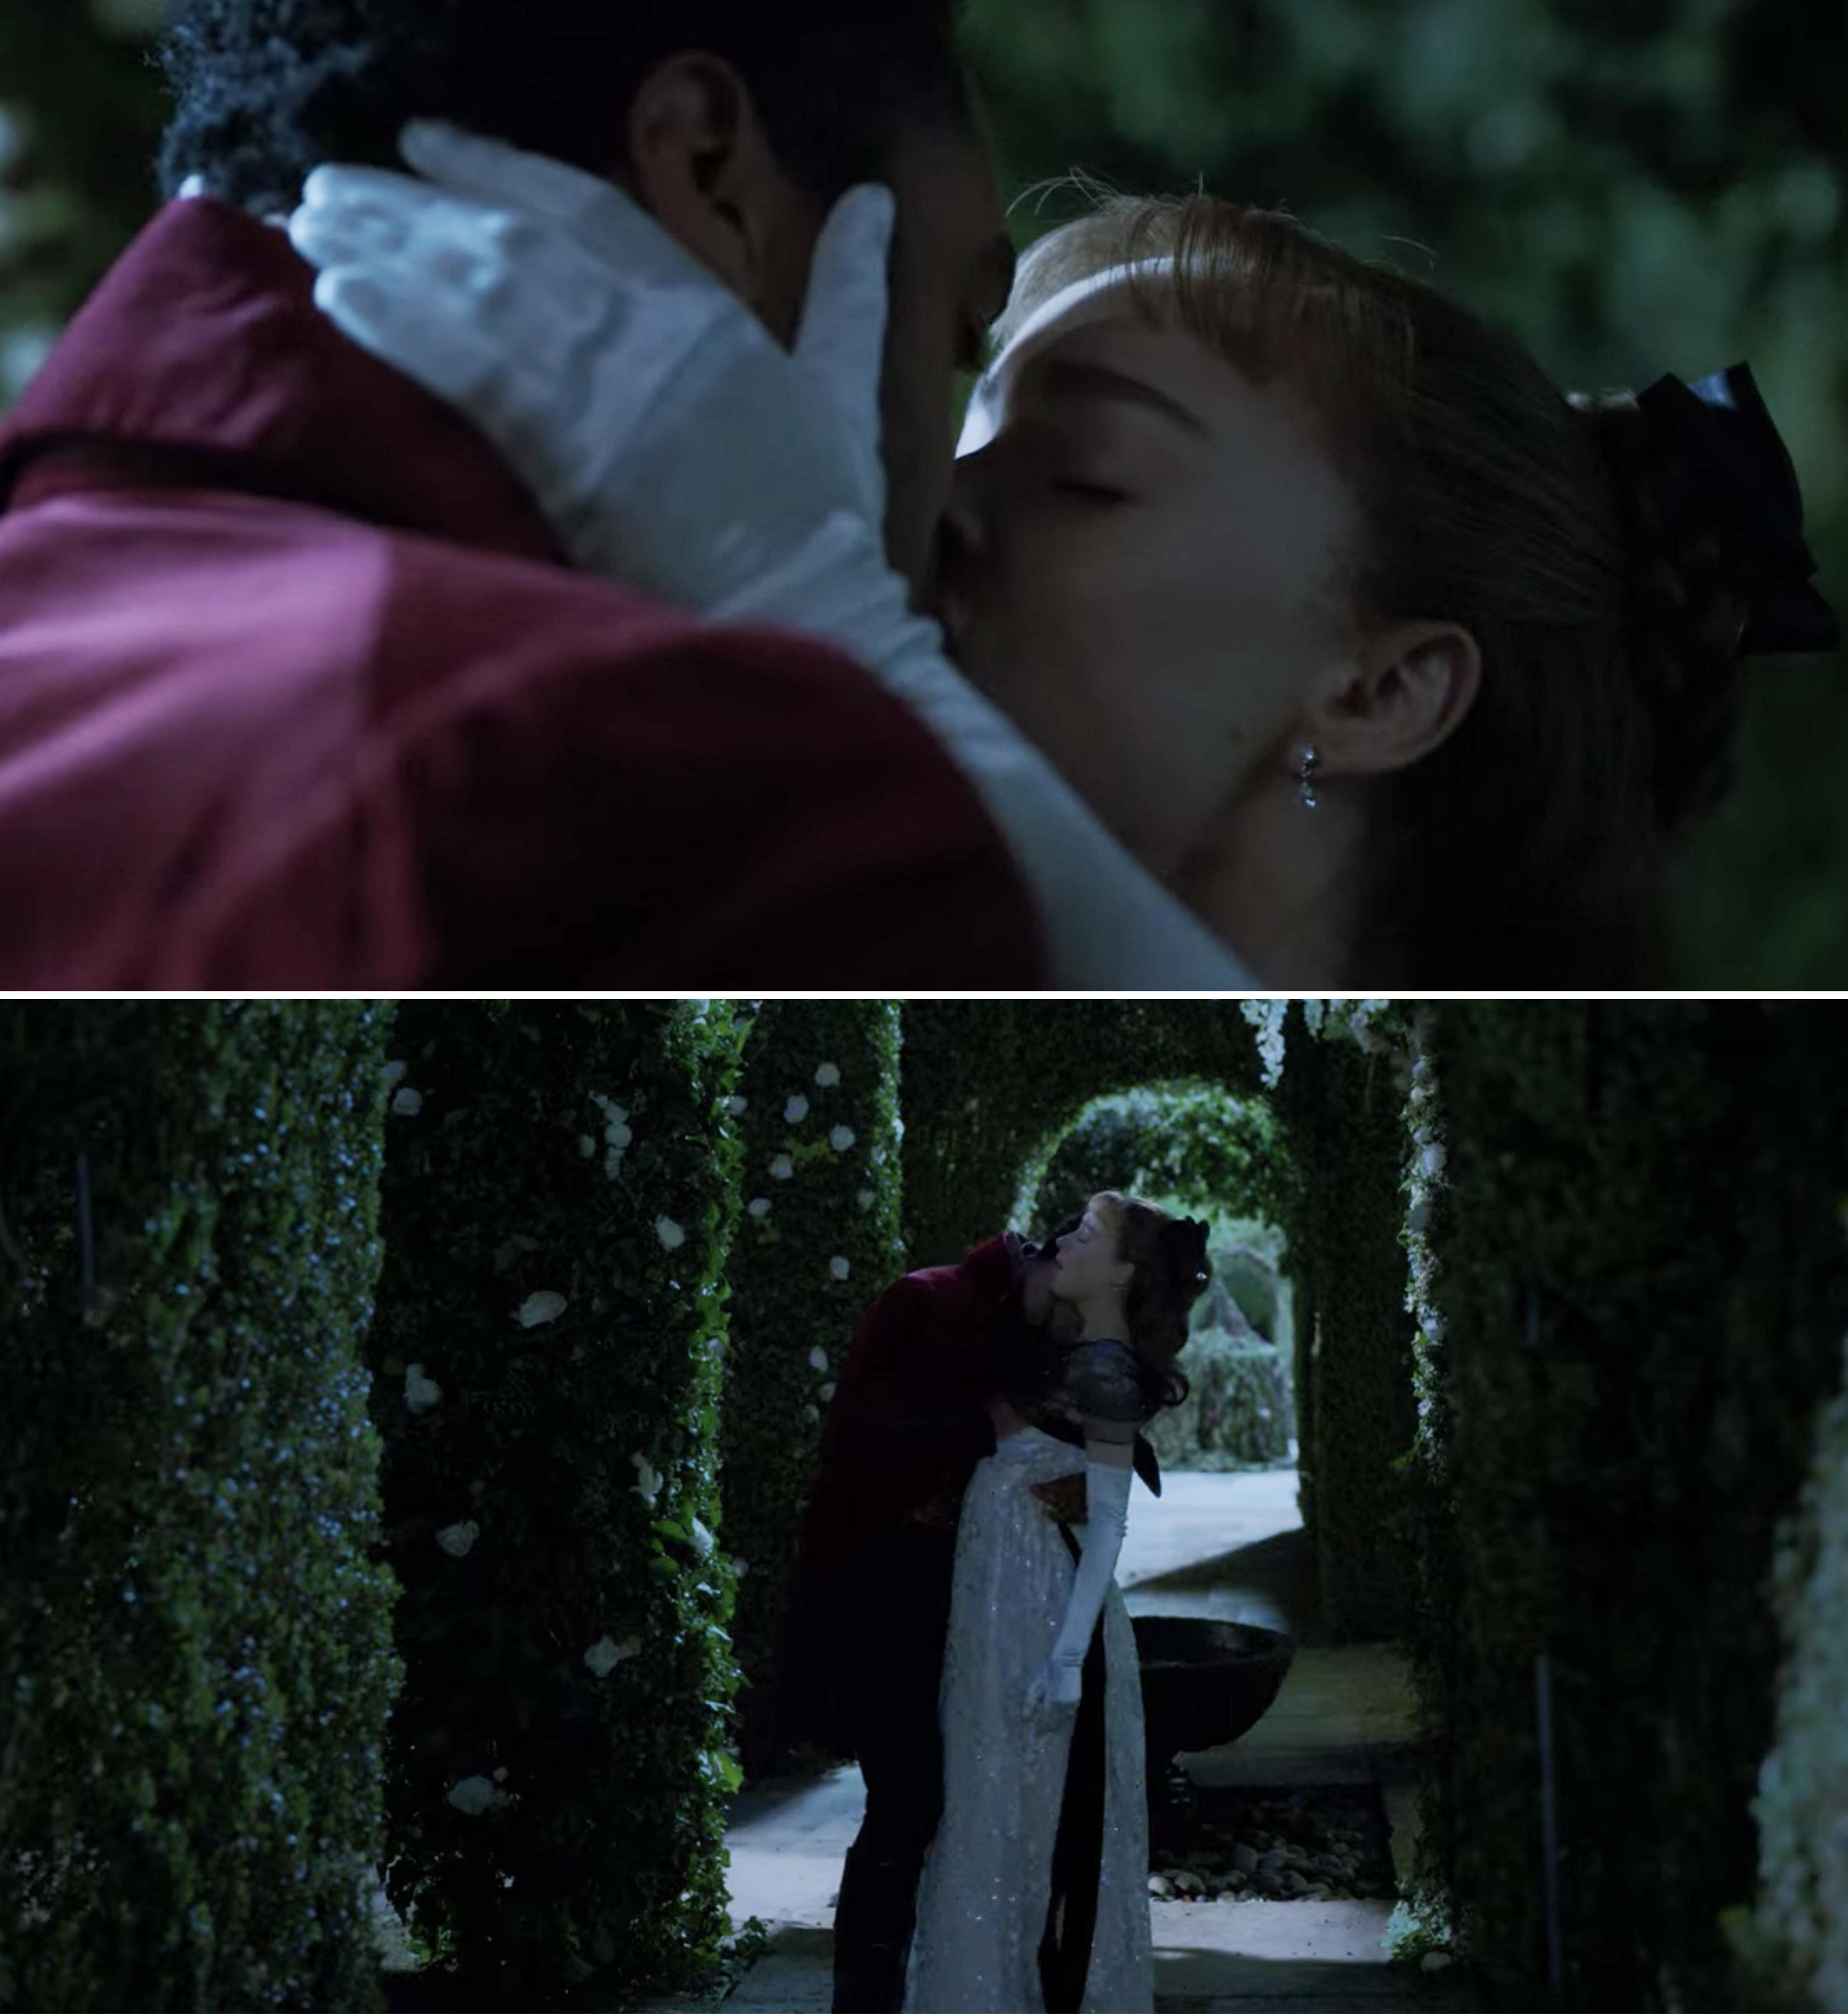 Simon and Daphne kissing in the garden maze